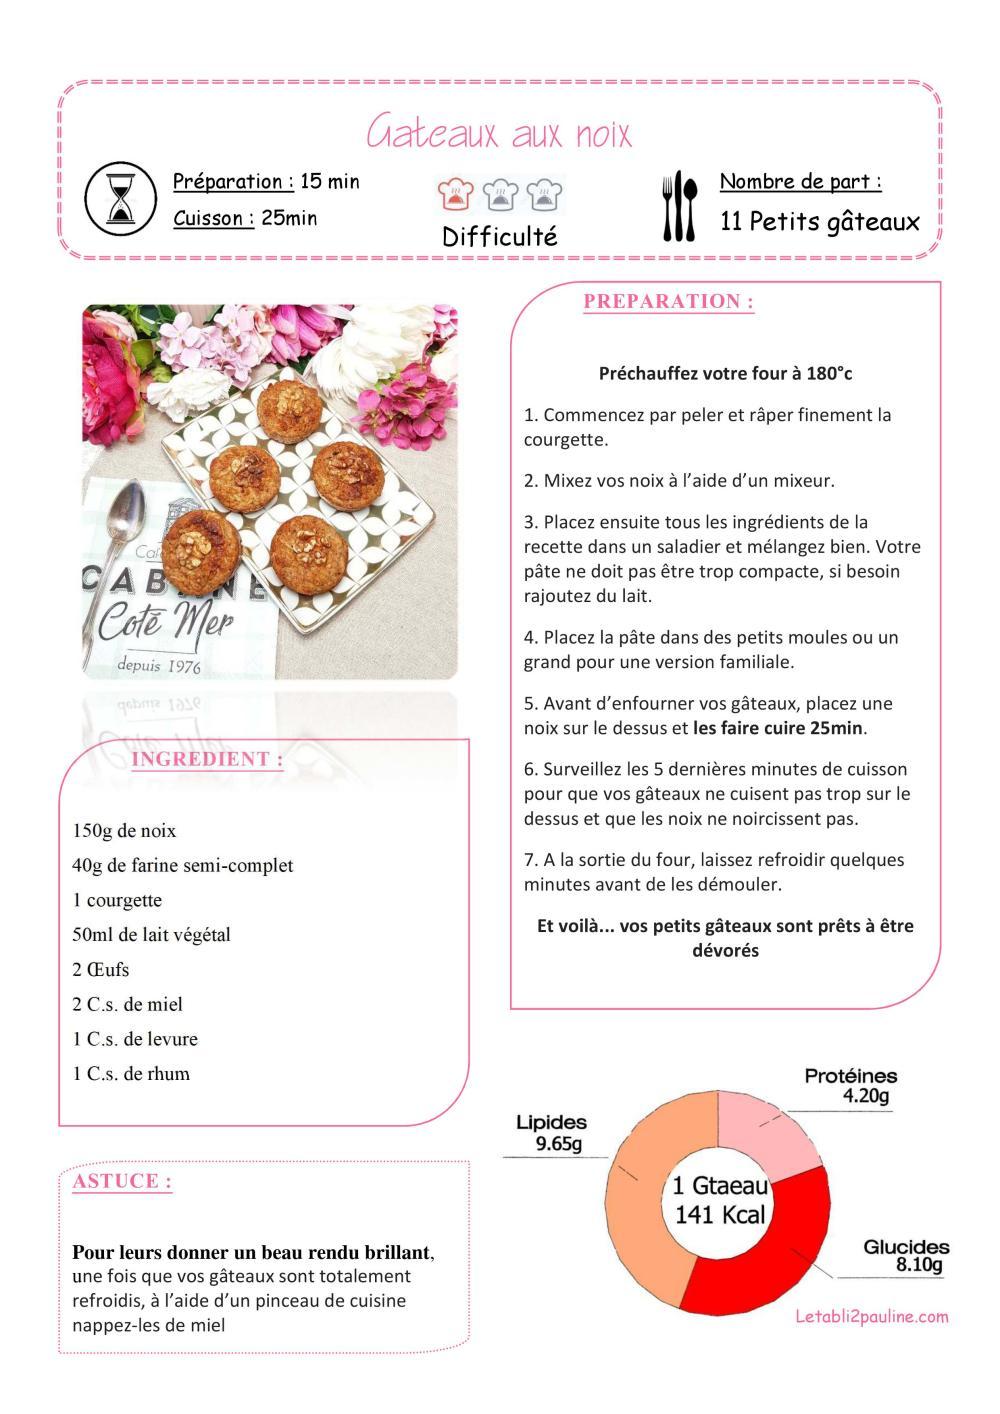 Fiche recette gateaux aux noix.jpg